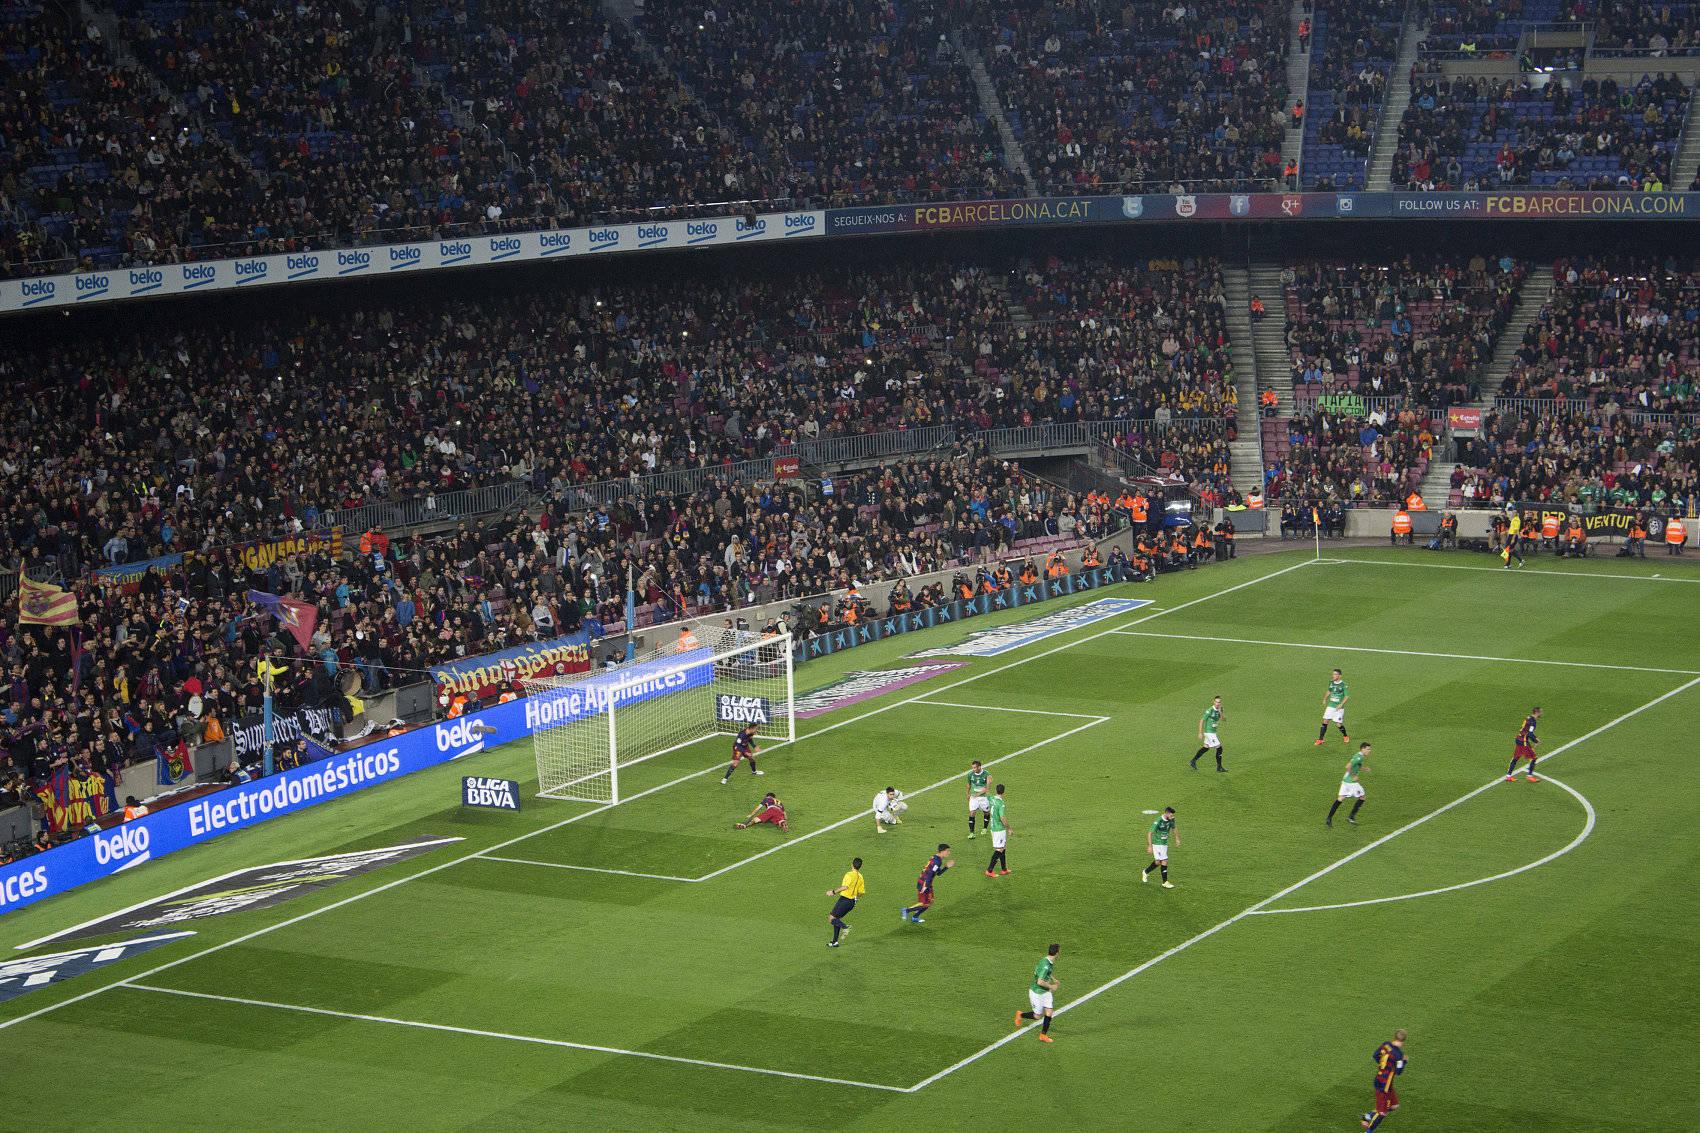 欧洲杯|海信·中国赞助商烧钱抢食欧洲杯:超额回本,这笔划算的买卖怎么算?